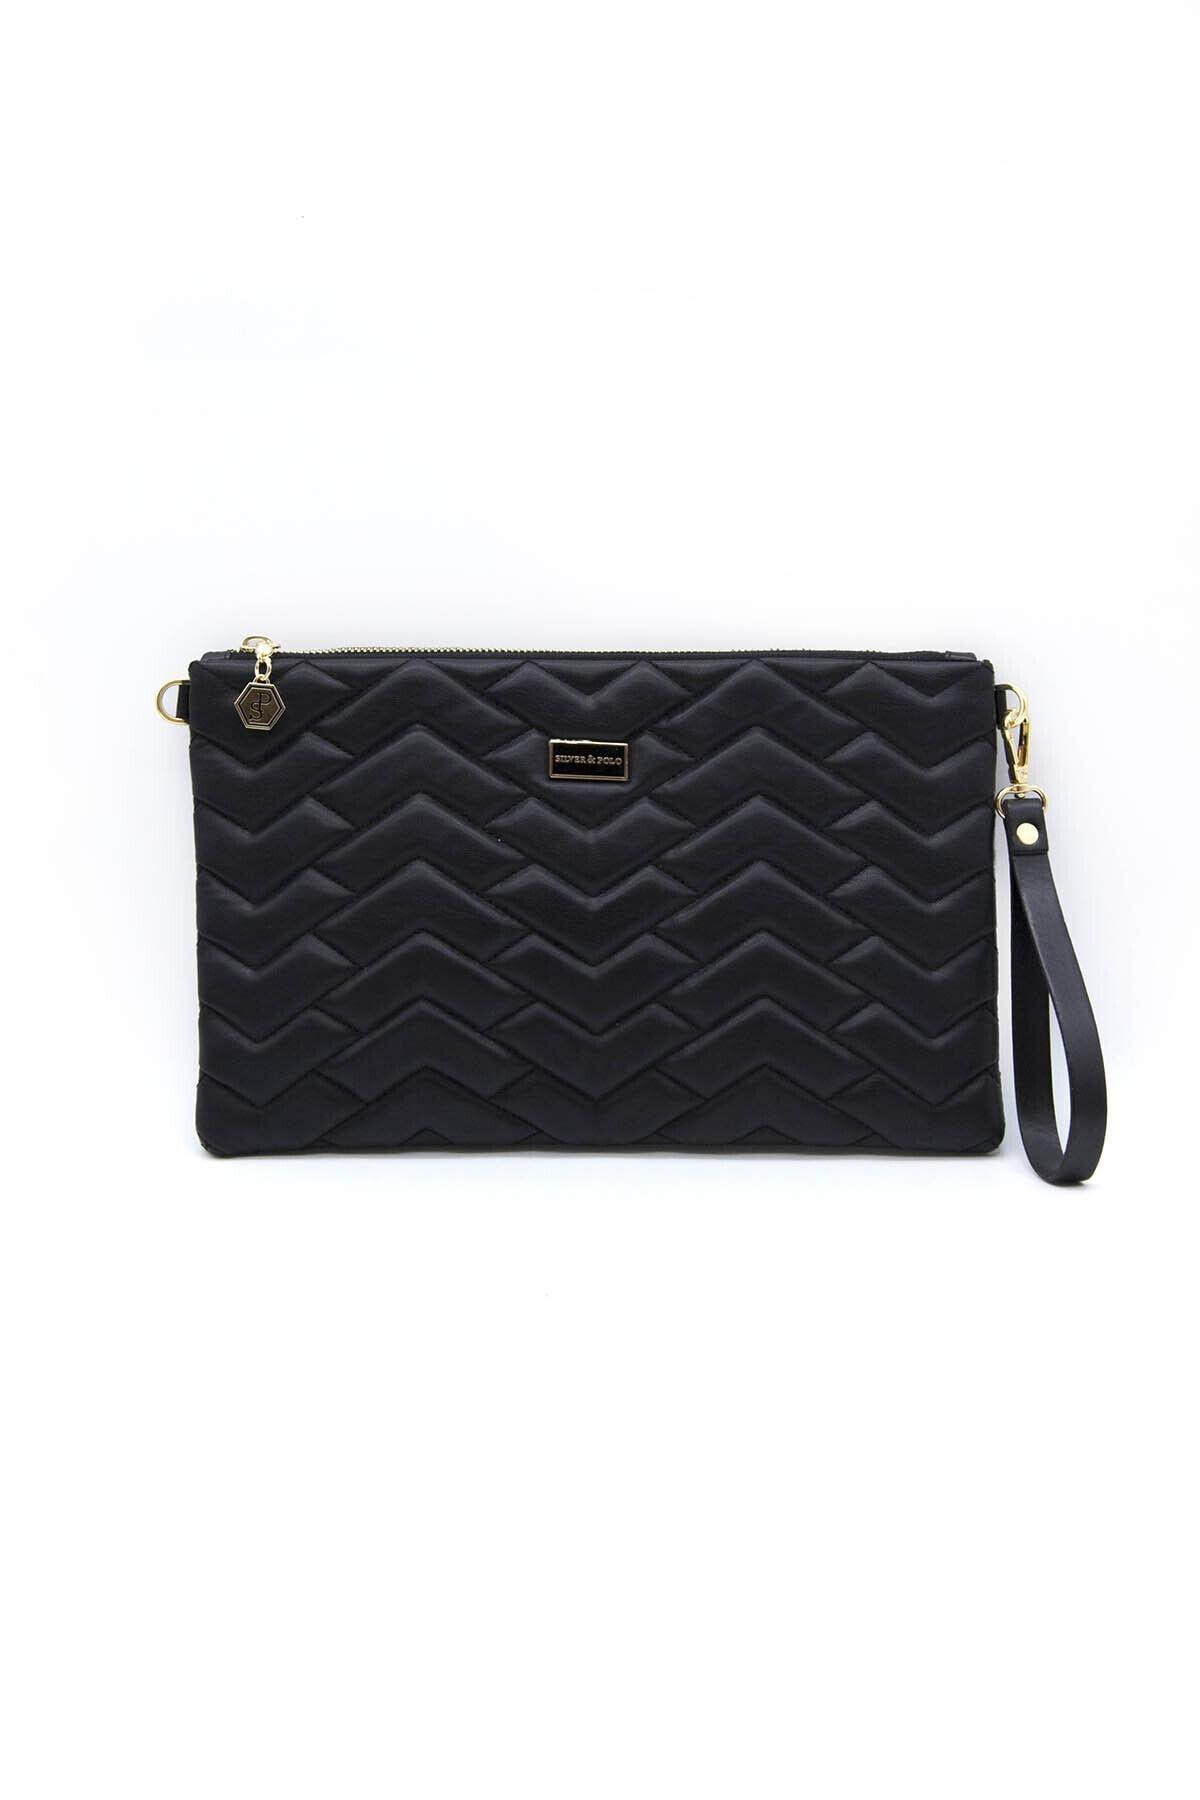 خرید مستقیم کیف دستی جدید برند Silver Polo رنگ مشکی کد ty119425584